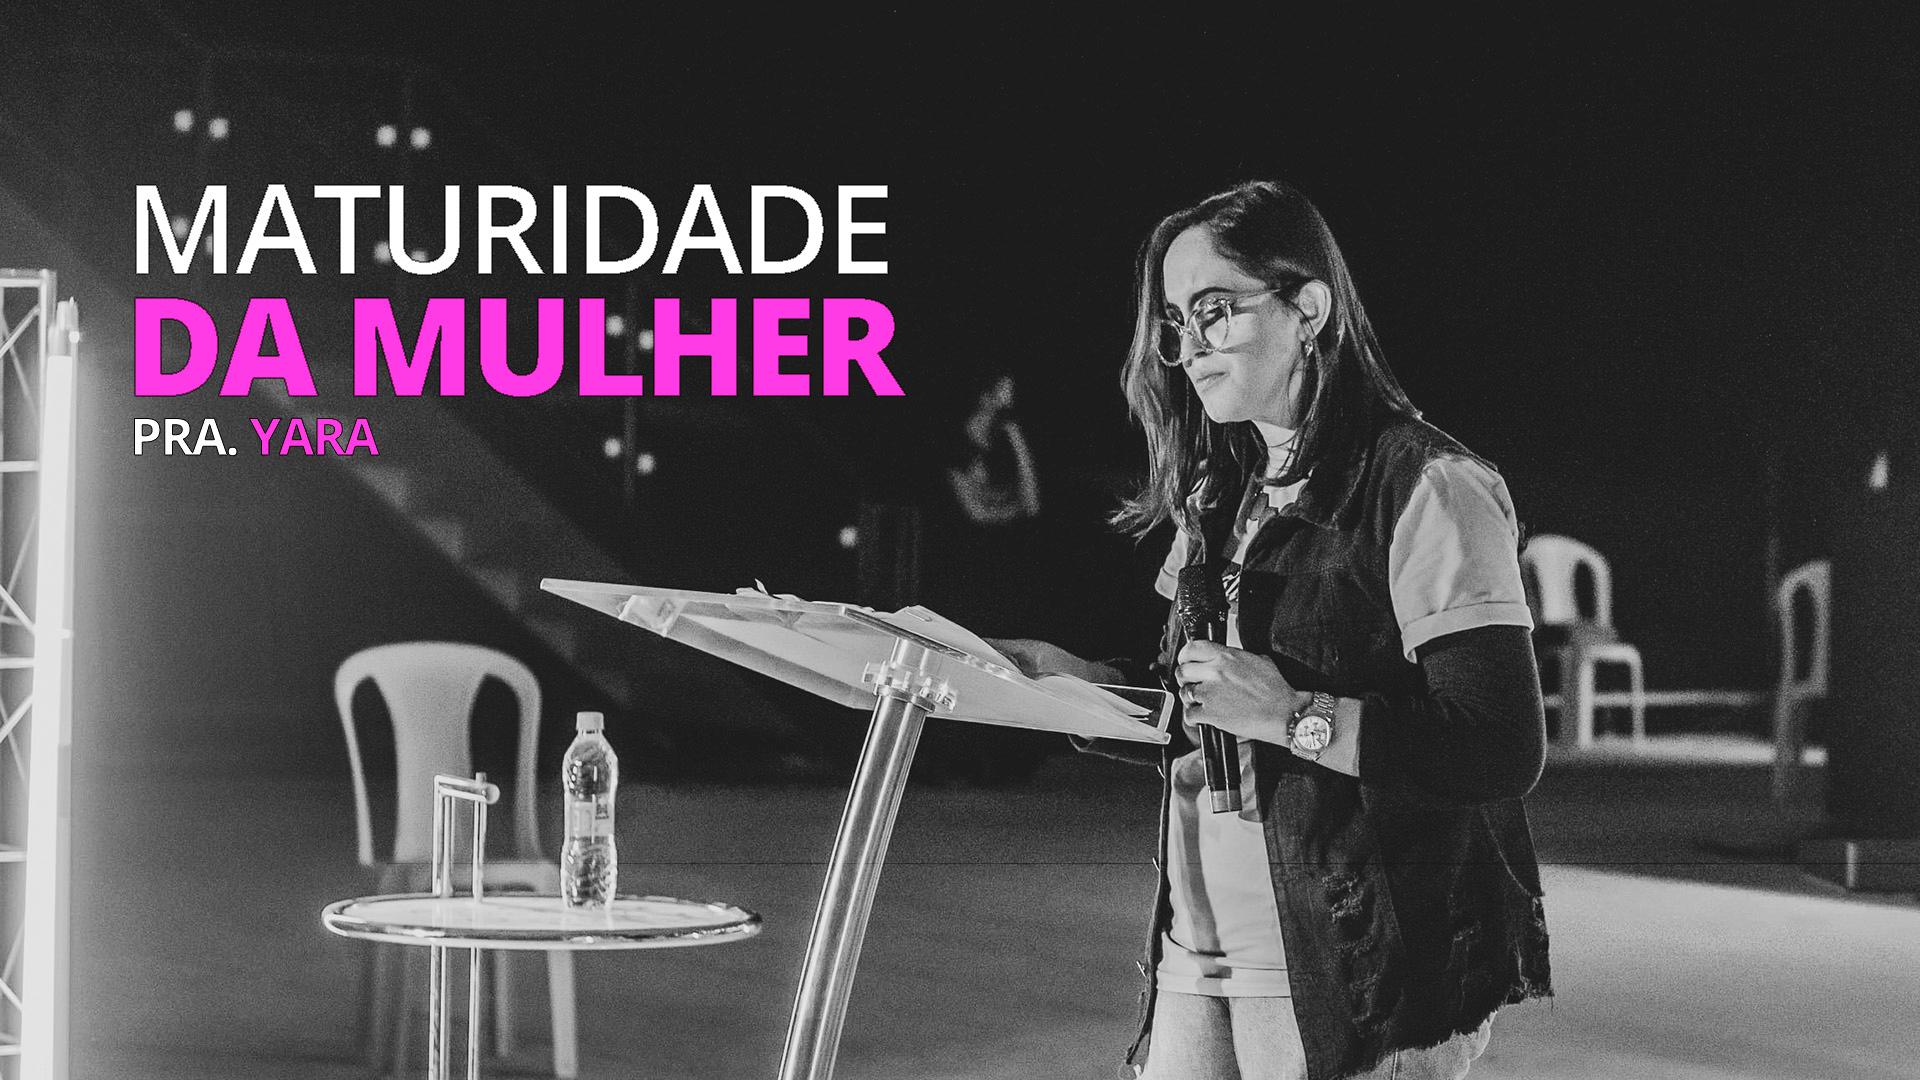 MATURIDADE DA MULHER